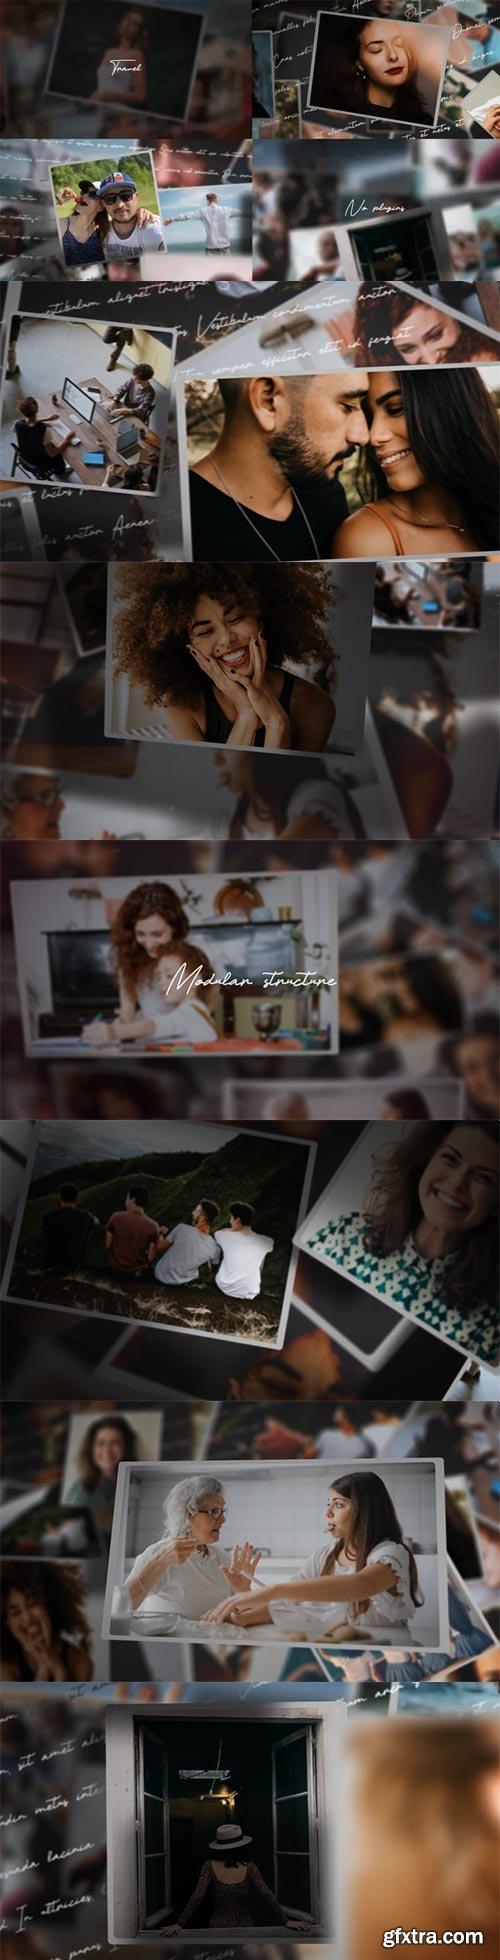 Videohive - Slideshow My Life - 29904609